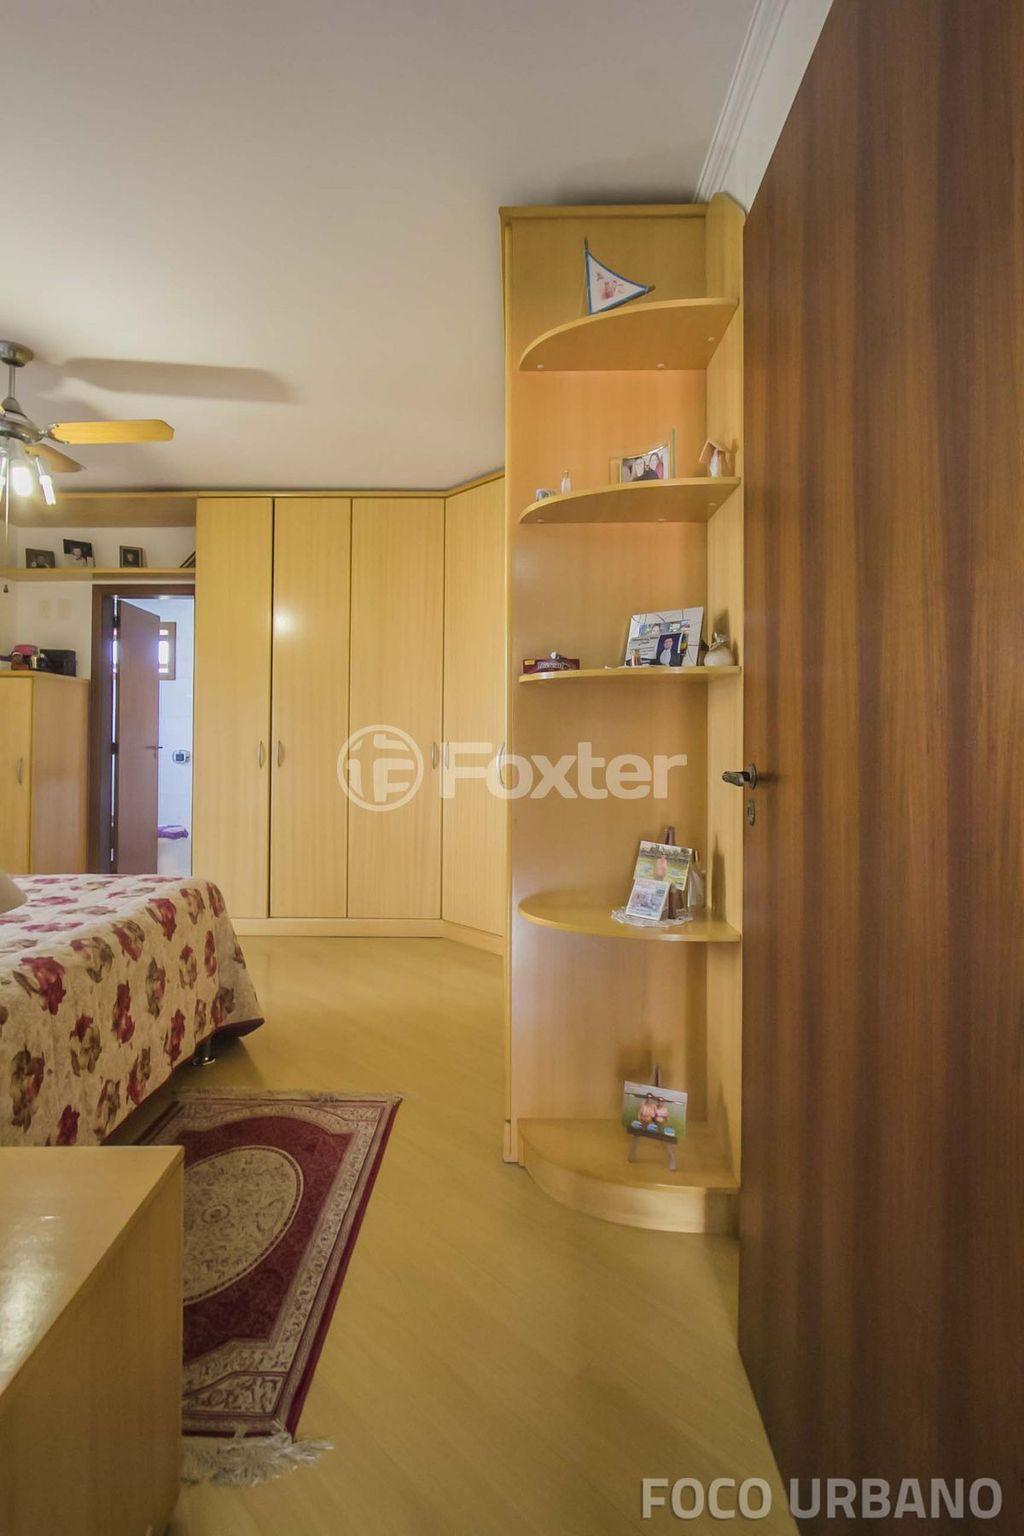 Foxter Imobiliária - Cobertura 3 Dorm (131617) - Foto 17